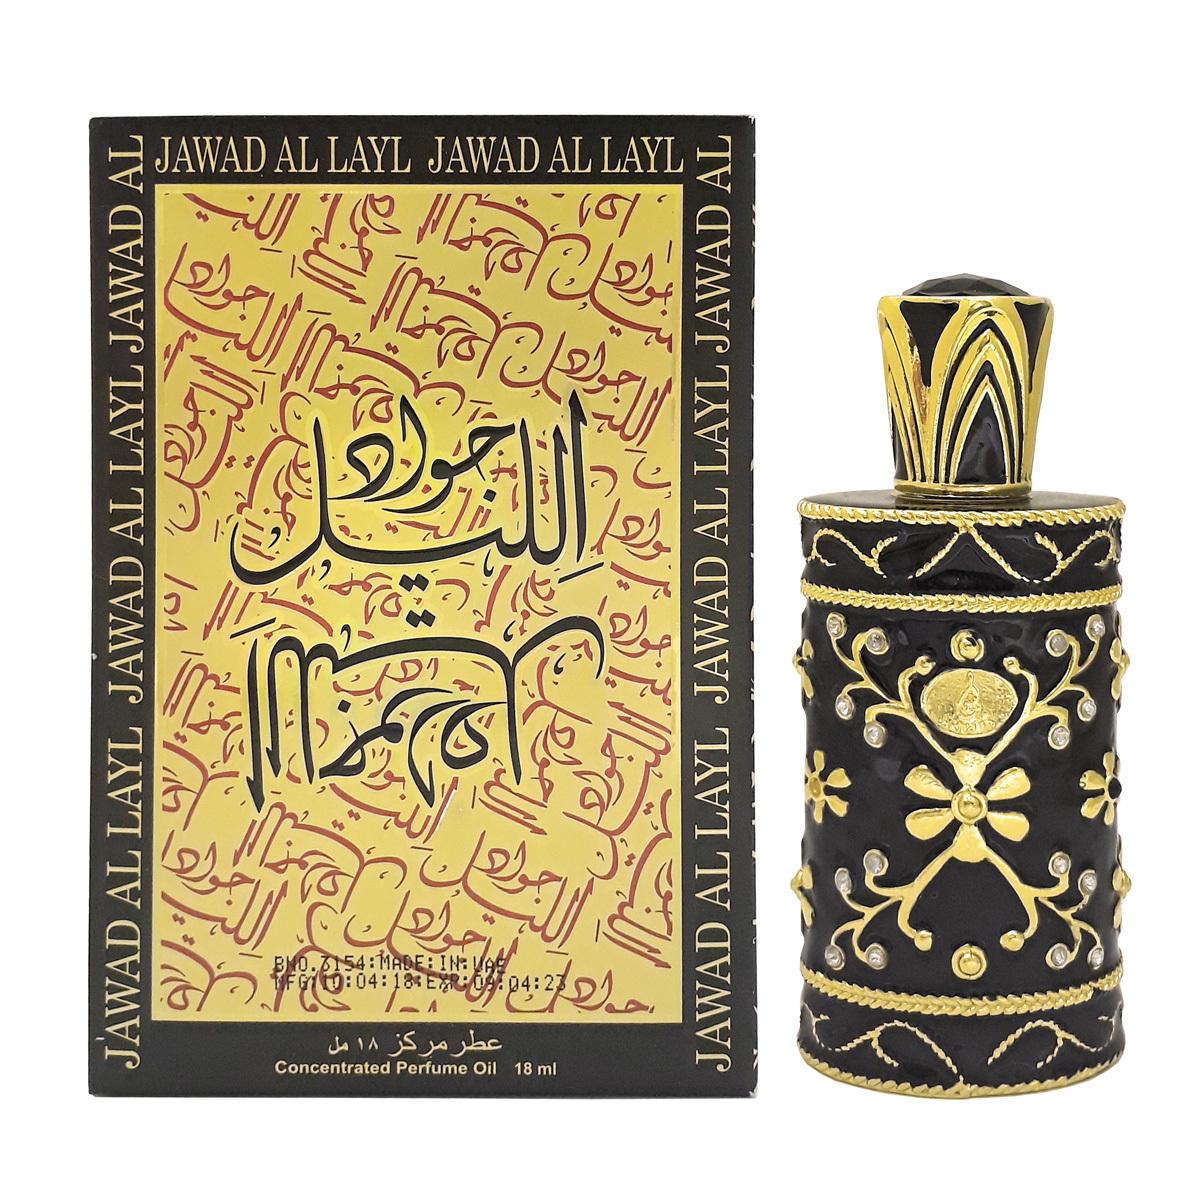 Пробник для Jawad Al Layl 1 мл арабские масляные духи от Халис Khalis Perfumes